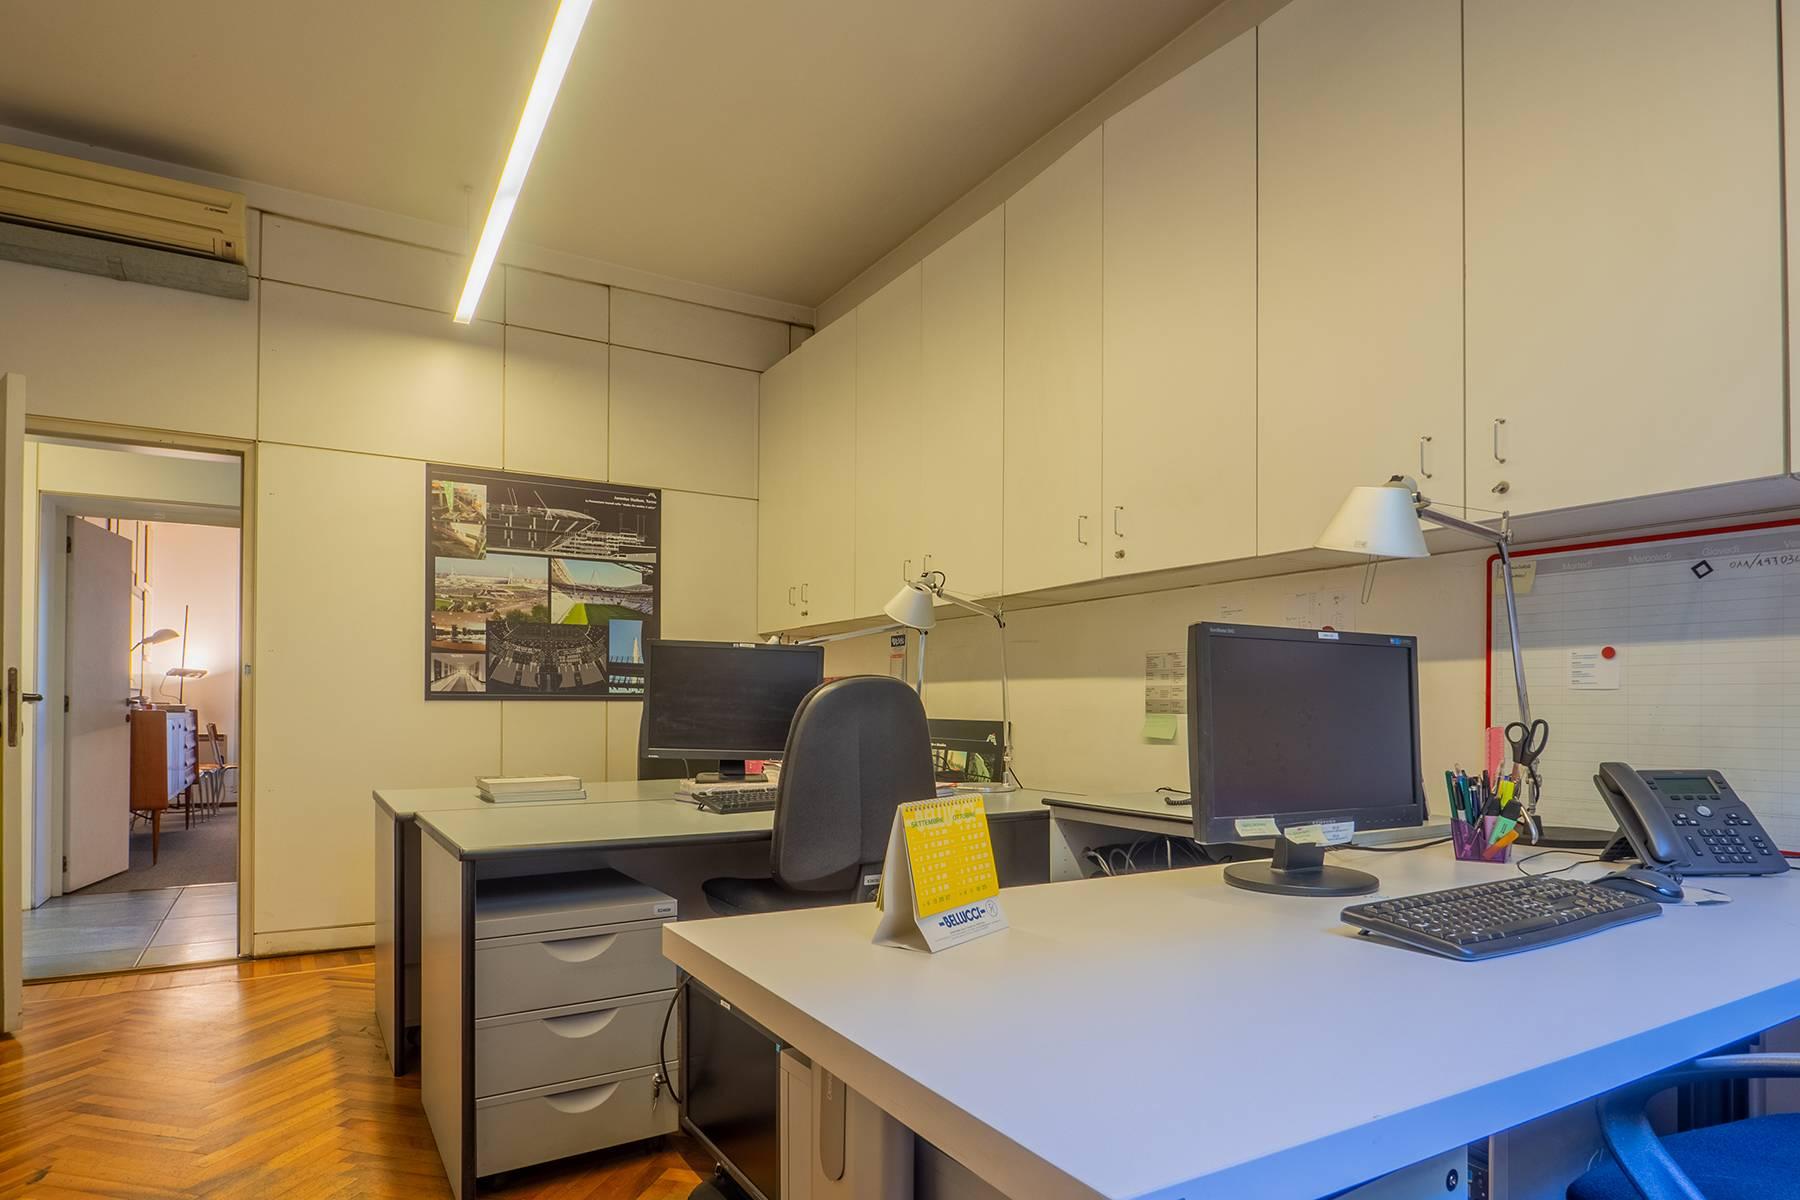 Ufficio-studio in Vendita a Torino: 4 locali, 224 mq - Foto 5